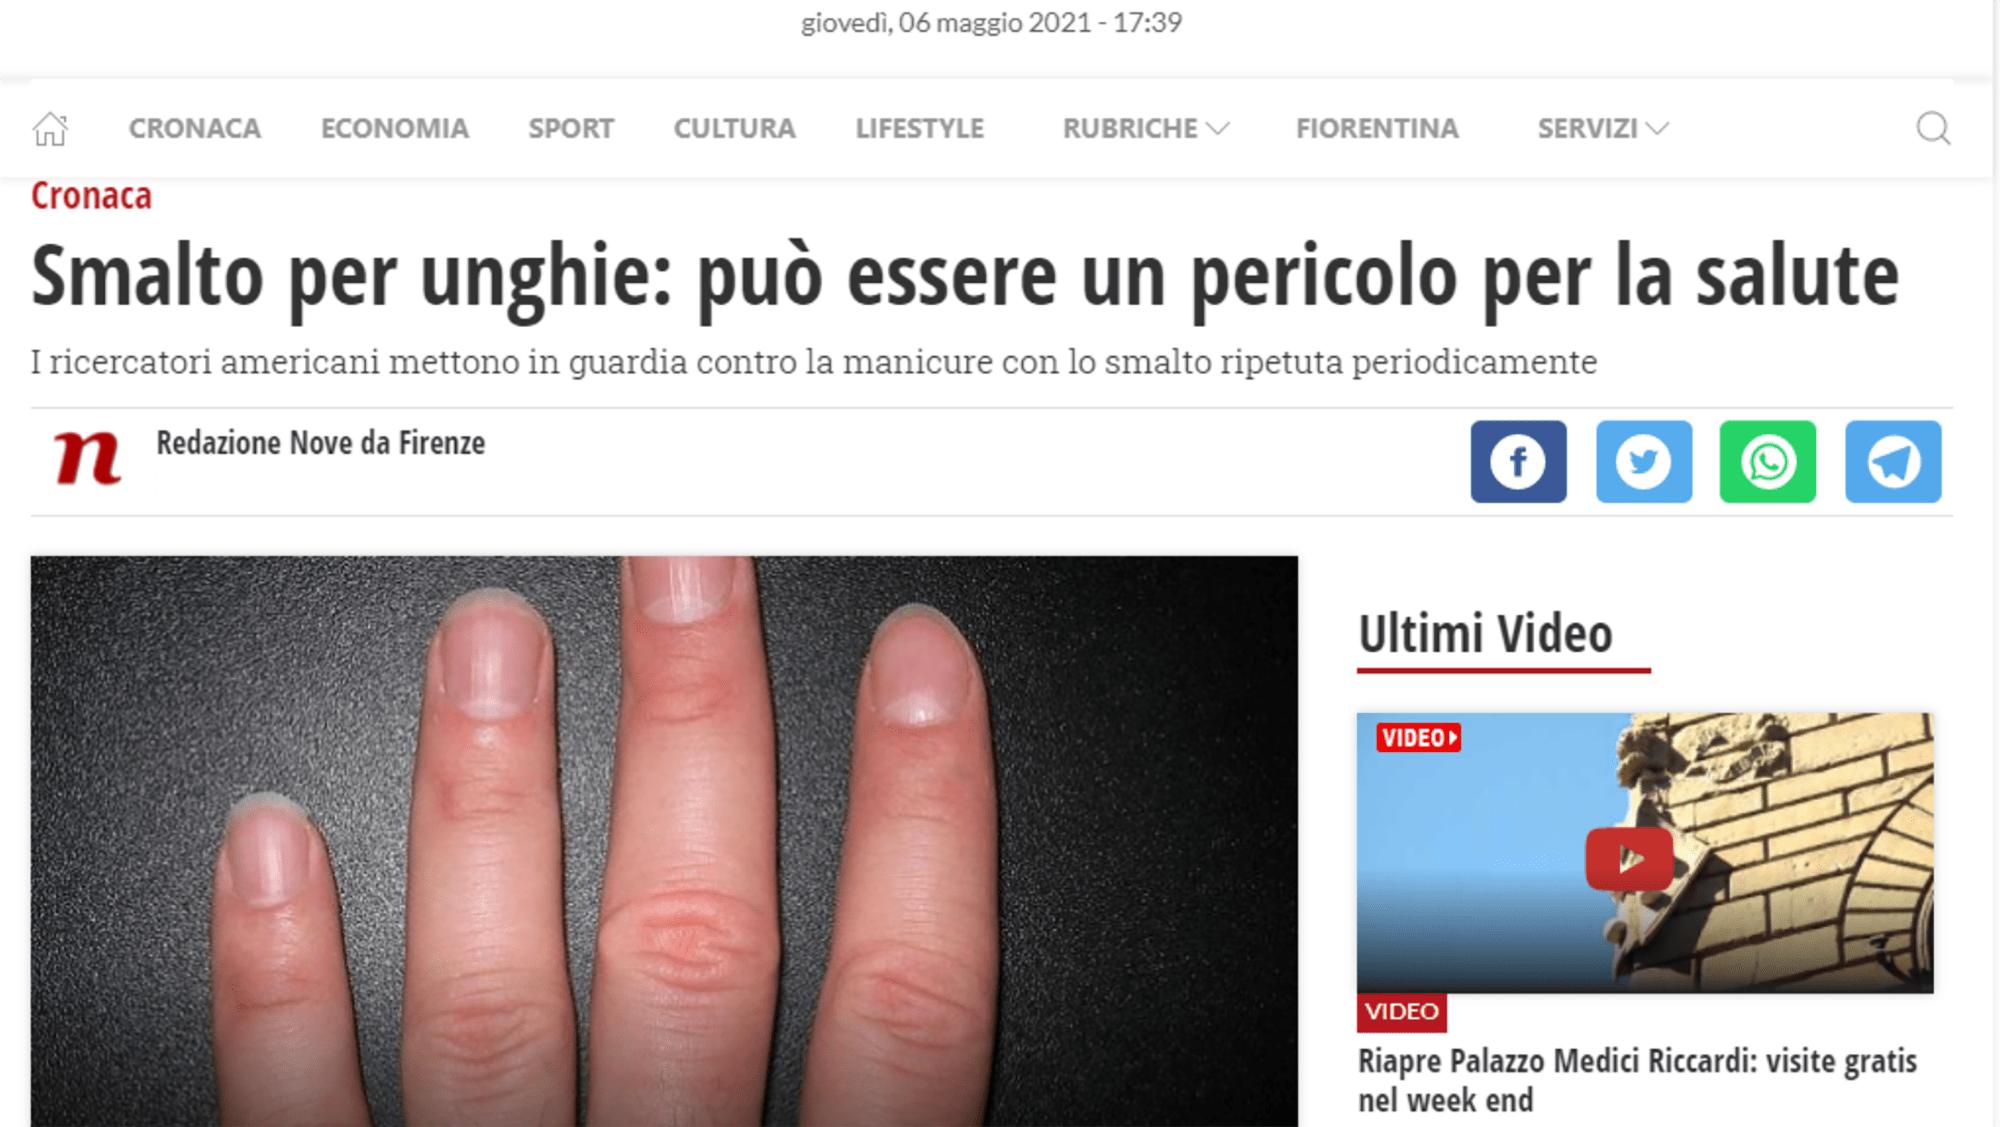 SMALTO PER UNGHIE PERICOLOSO